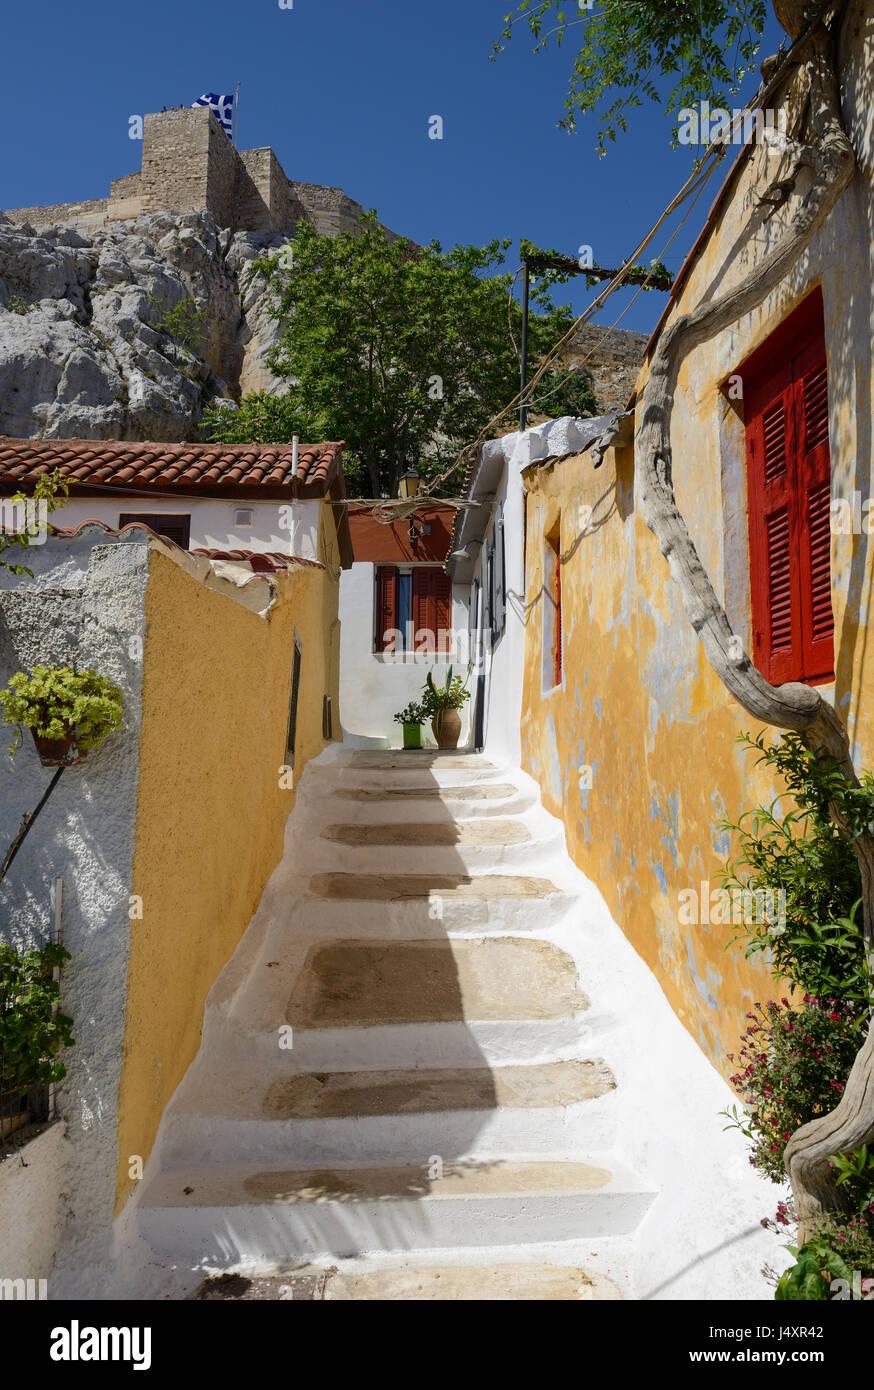 Plaka Viertel von Athen - Häuschen. Stadtteil Anafiotika, gebaut von Siedlern aus der ägäischen Insel Stockbild